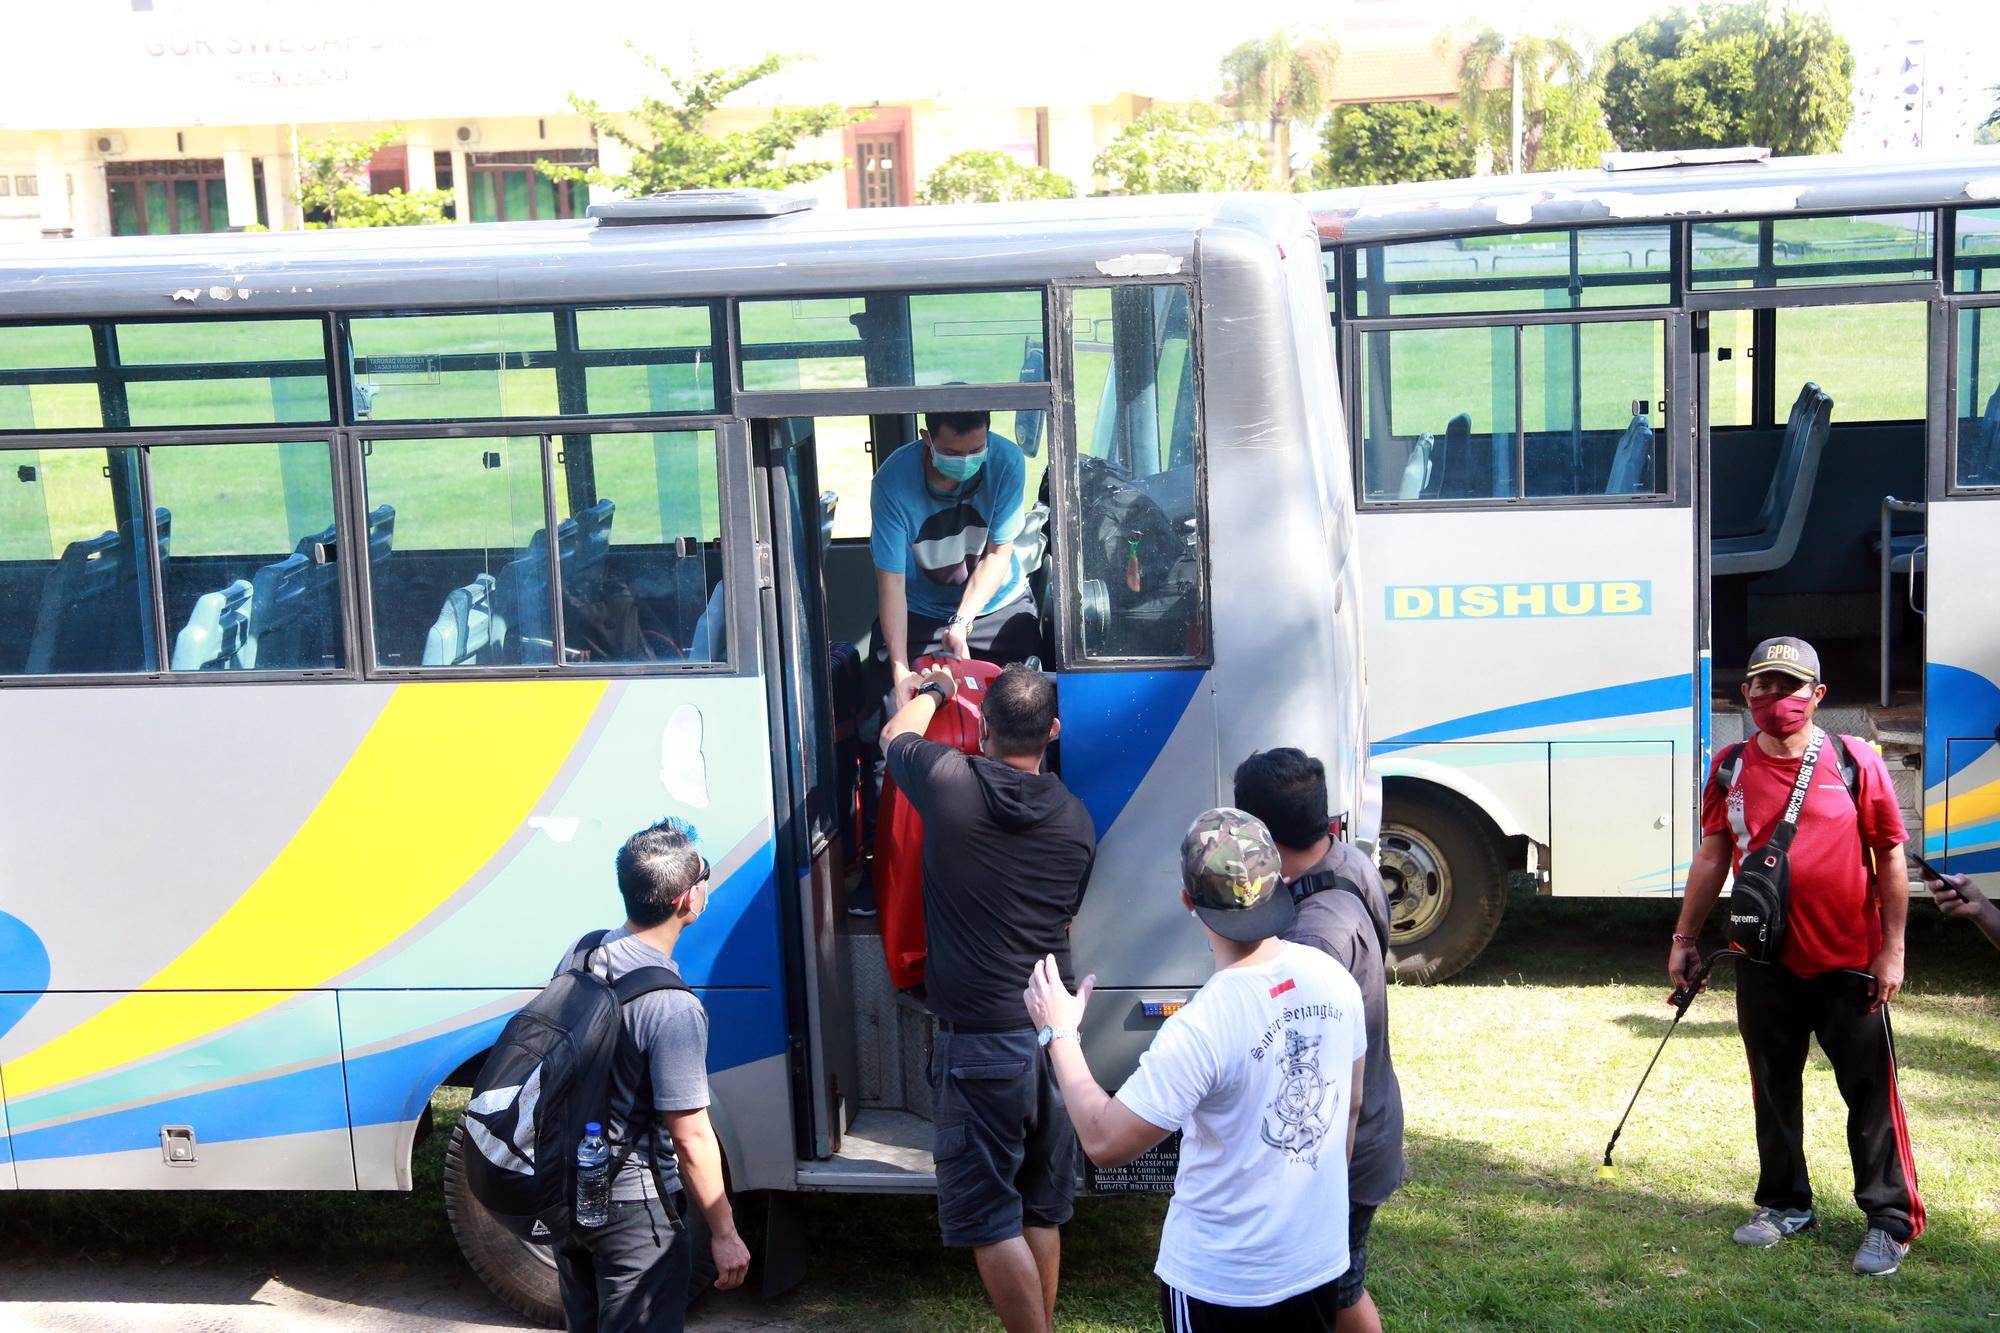 SEBANYAK 14 PMI asal Klungkung menjalani proses pemulangan ke rumah masing-masing di Lapangan GOR Swecapura, Gelgel, pada Minggu (14/6) sore. Foto: ist